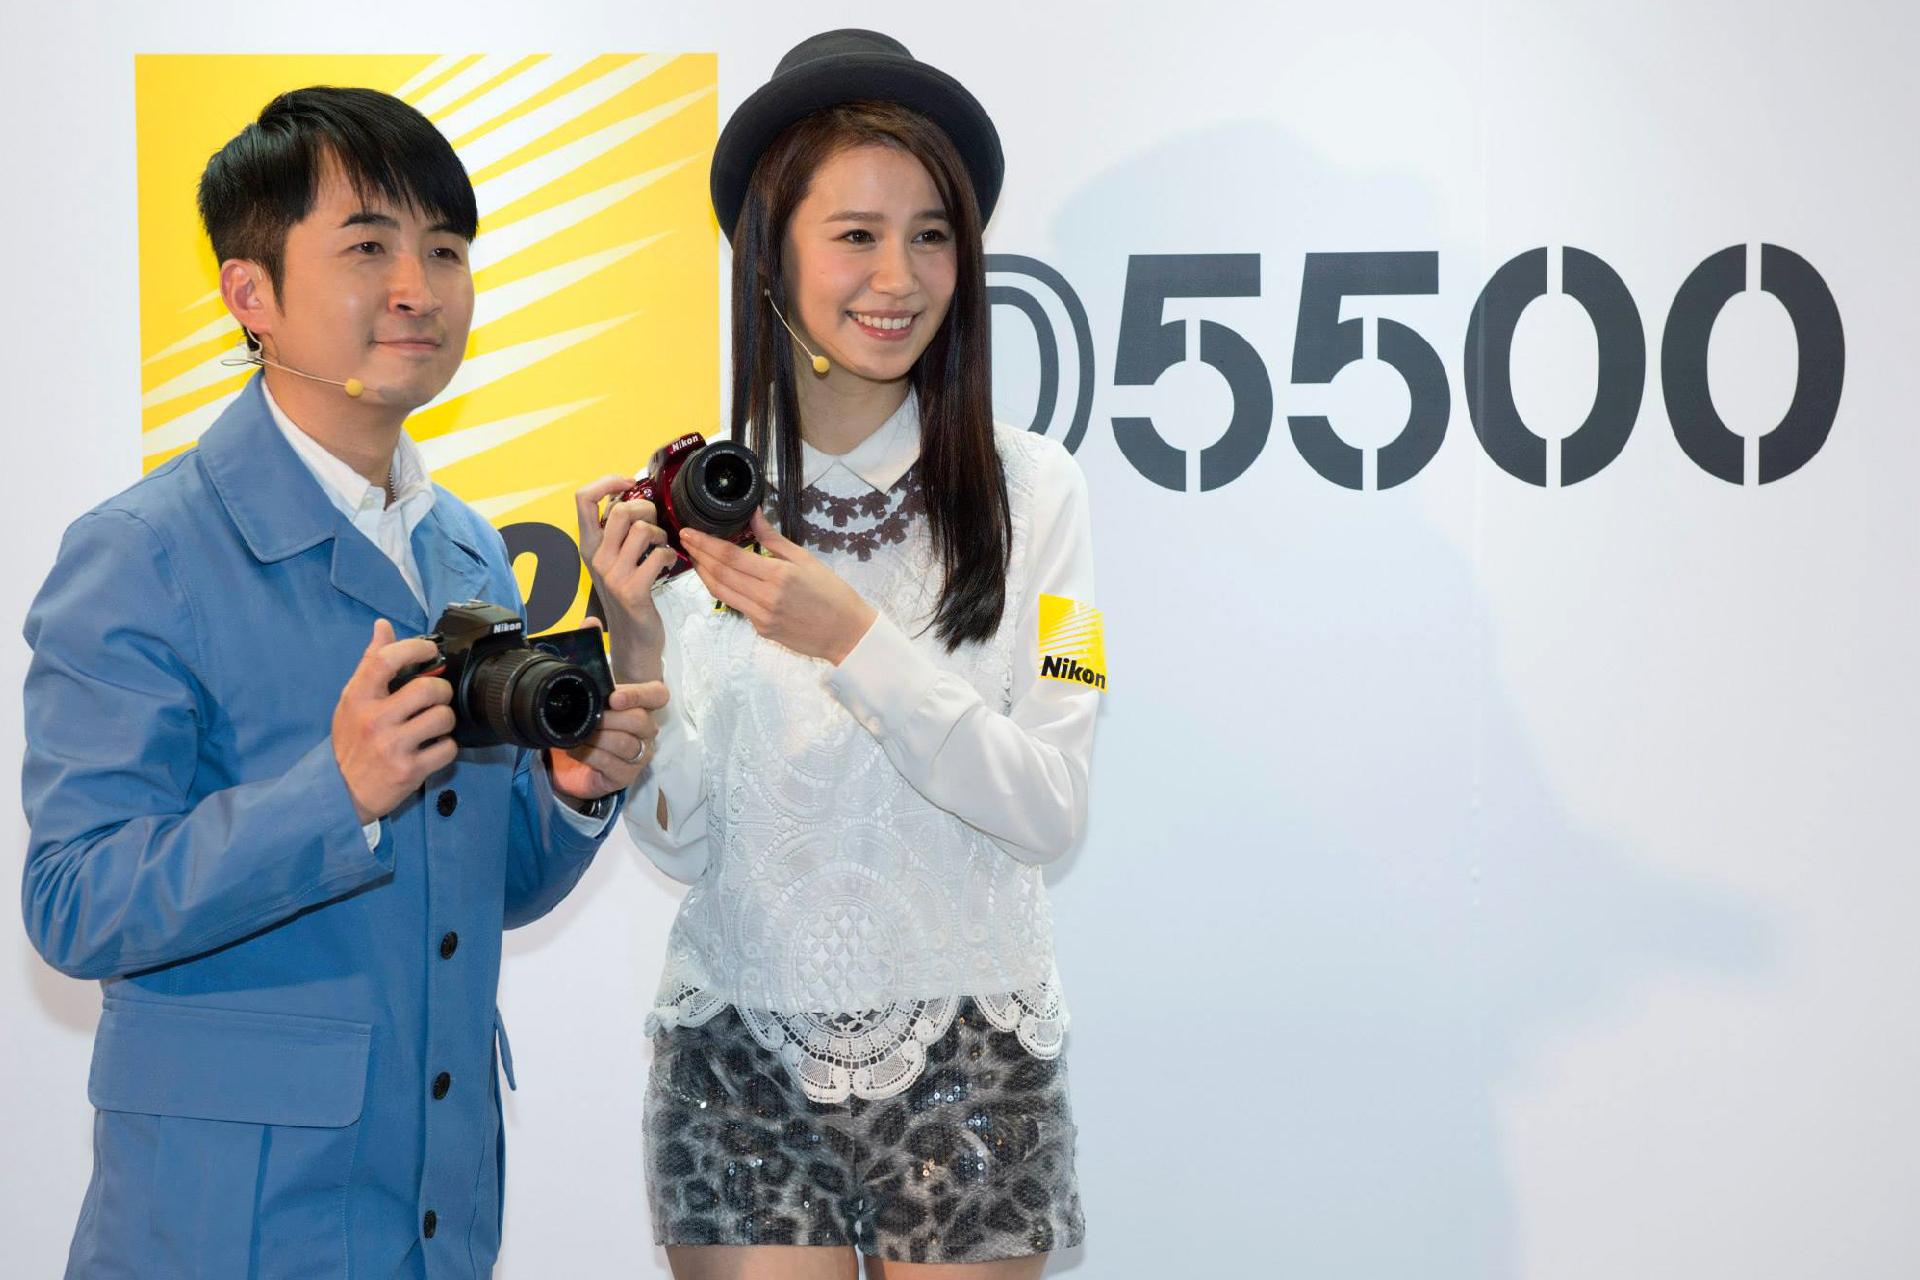 Project detail (Nikon D5500 Campaign)-01